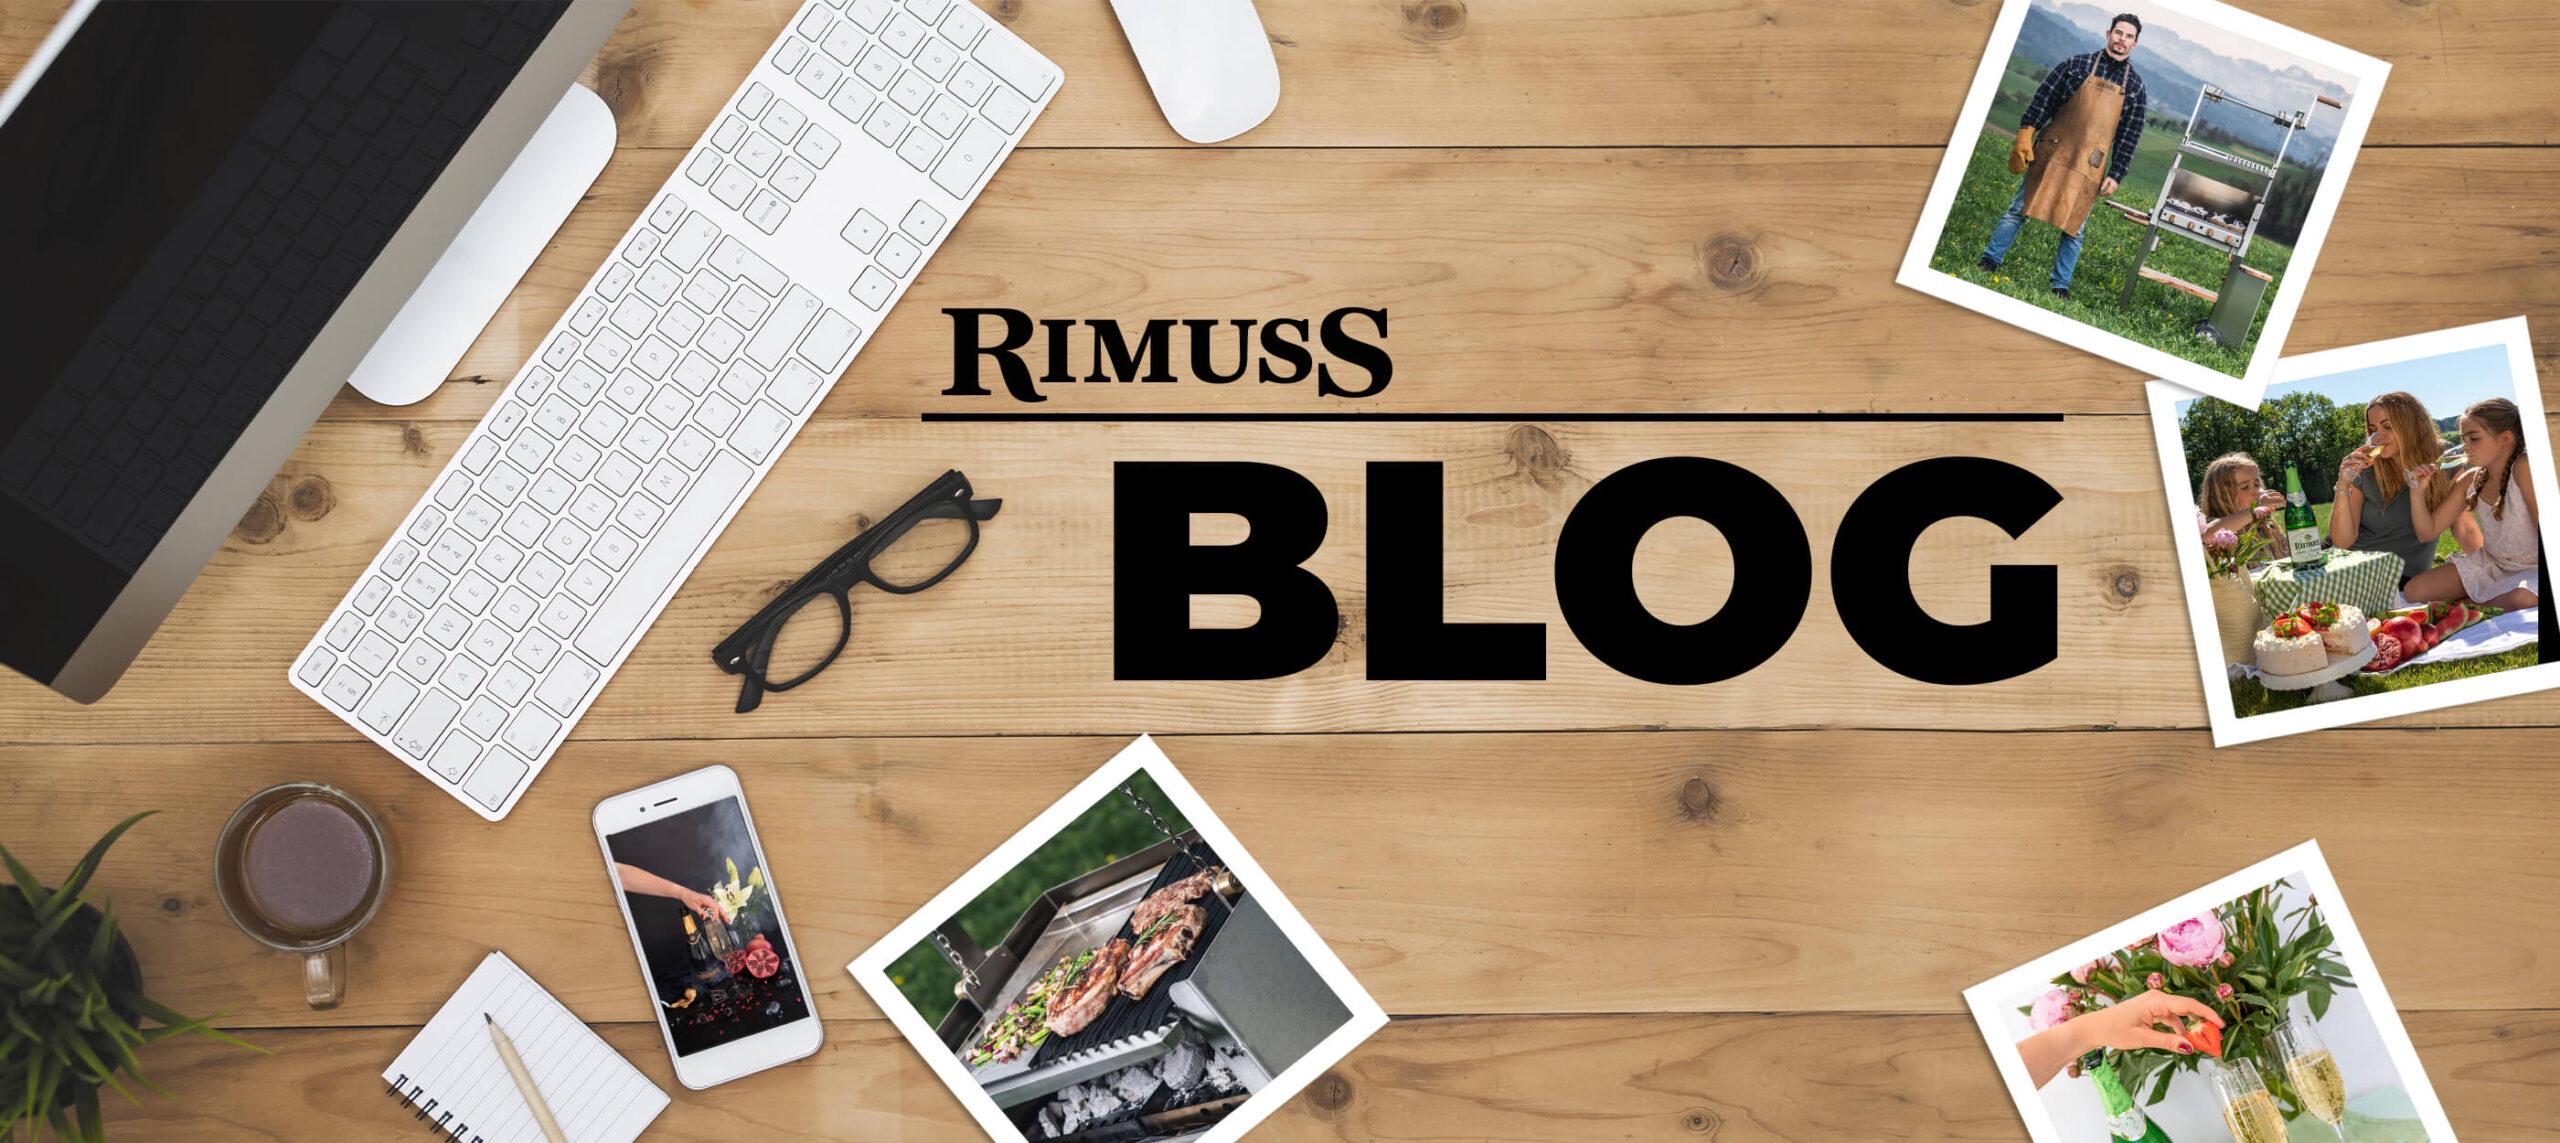 Der Rimuss Blog mit spannenden Ideen uns Inspirationen rund ums Thema Apero und Aperitif